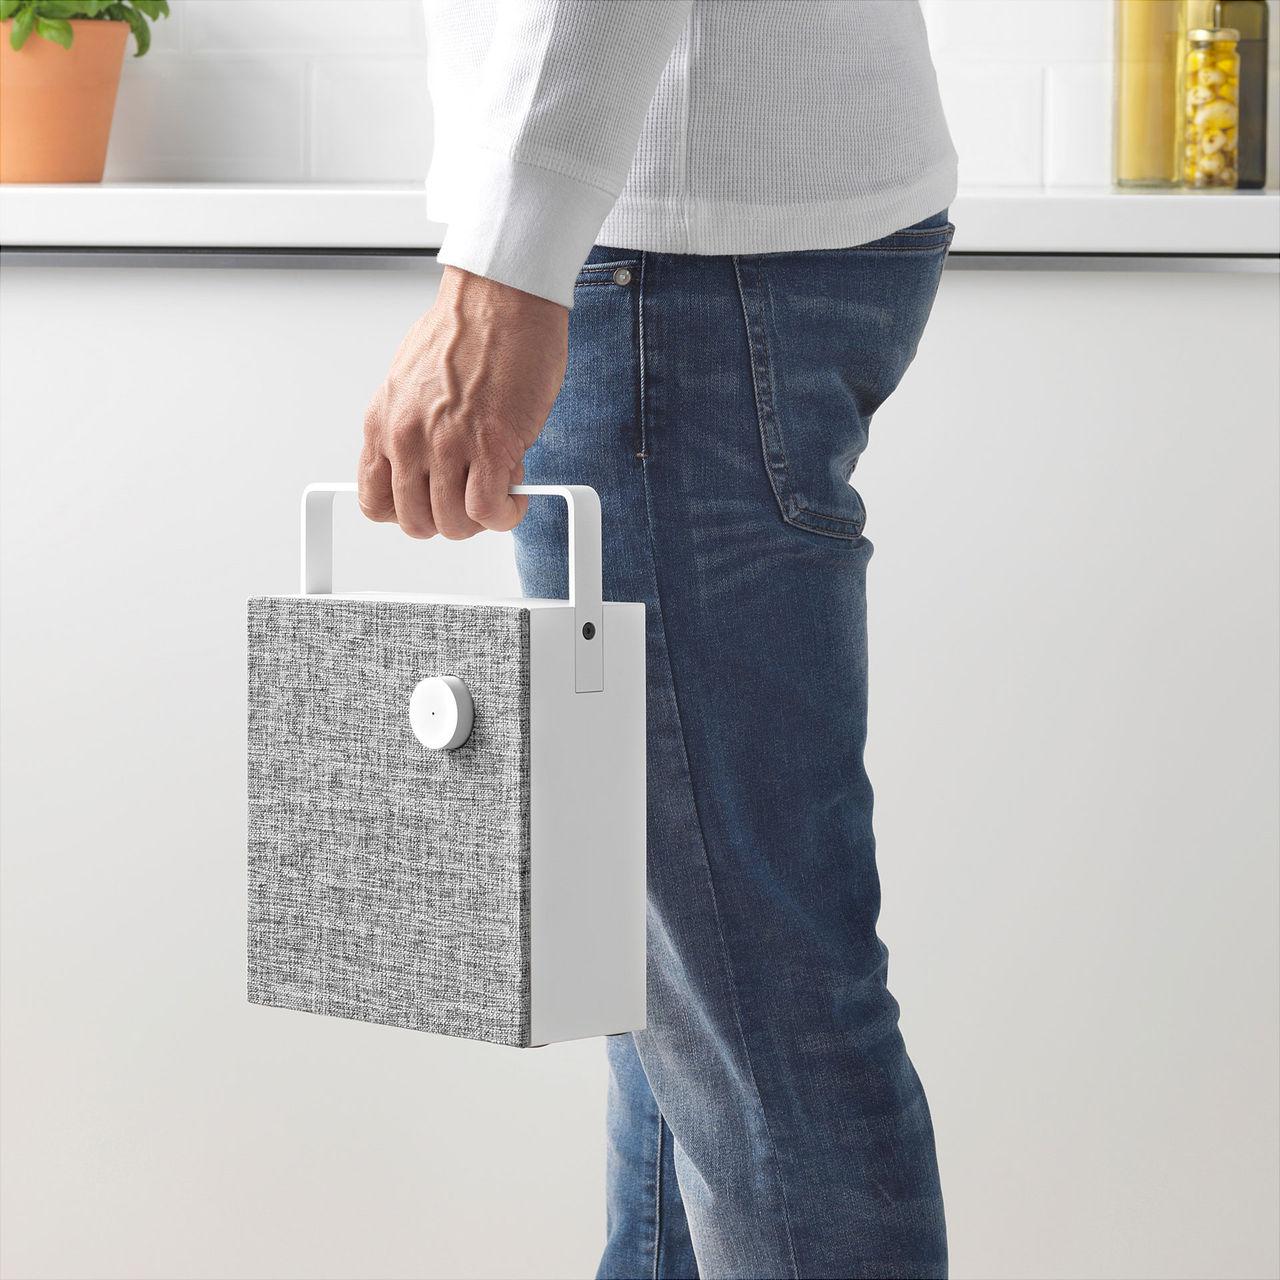 IKEA börjar samarbeta med Sonos Ska fixa ljud till det smarta hemmet f31814833517a